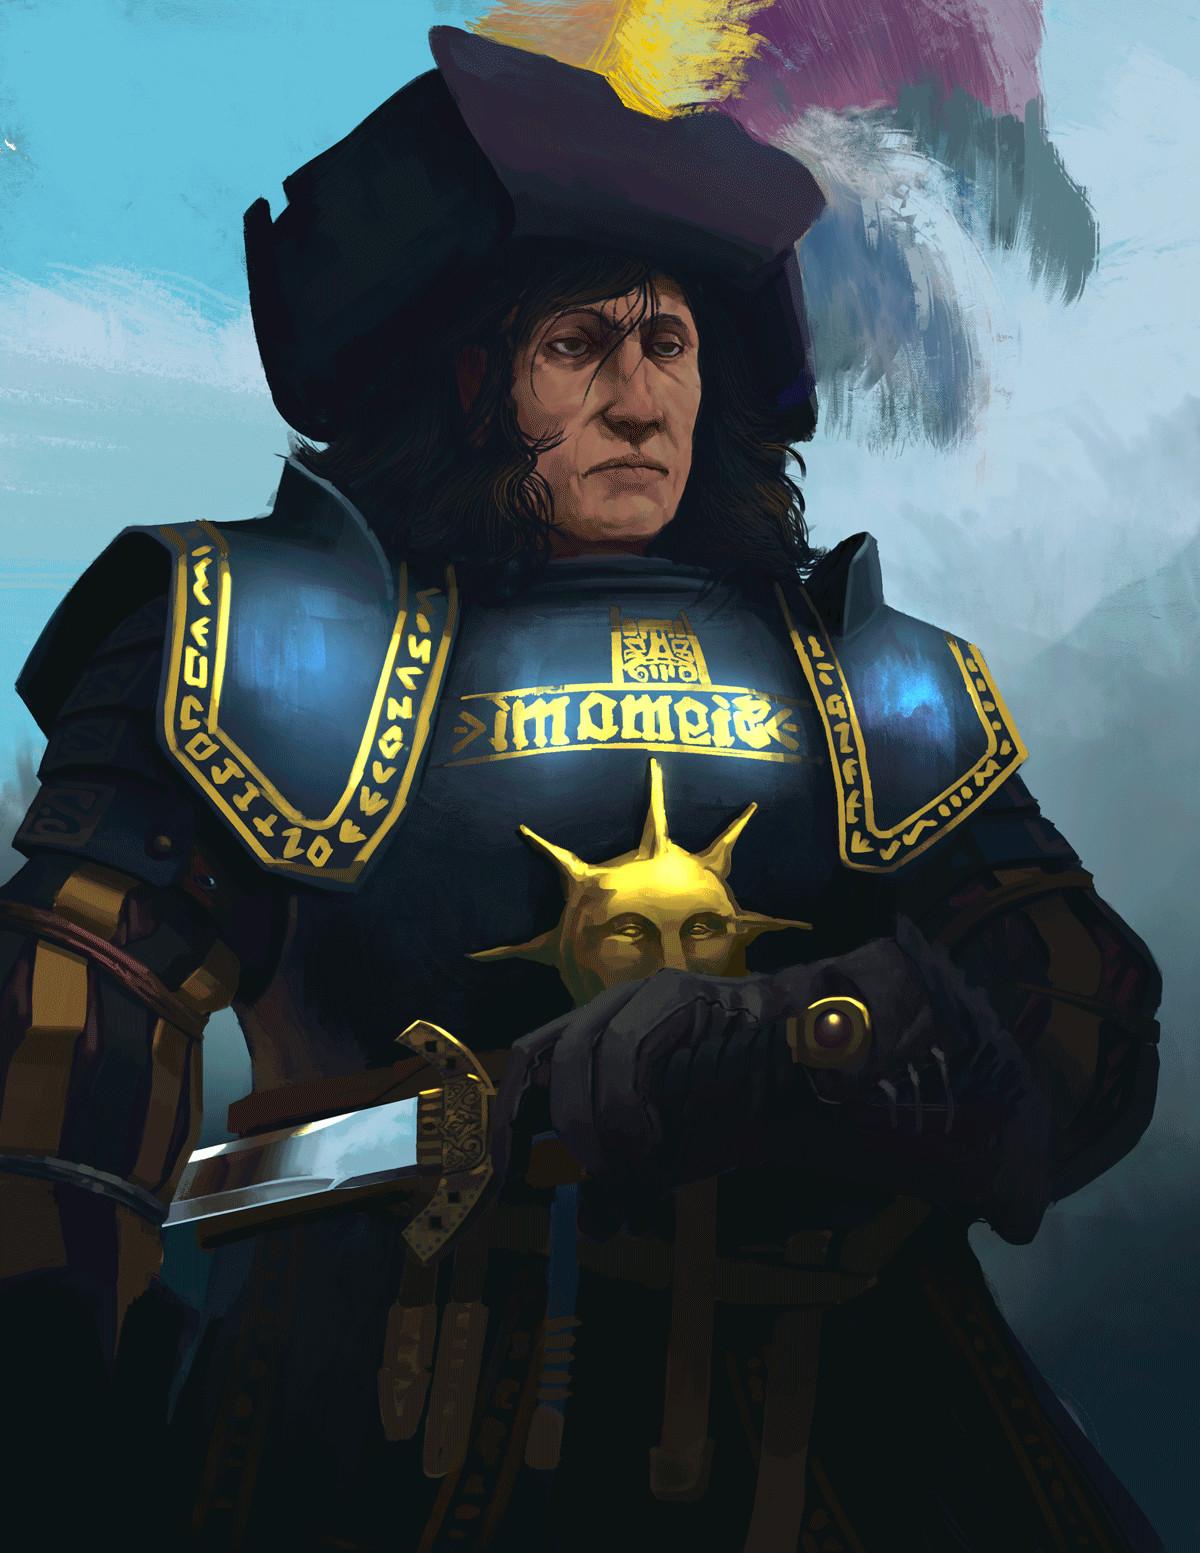 Nicolas chacin knight2step5